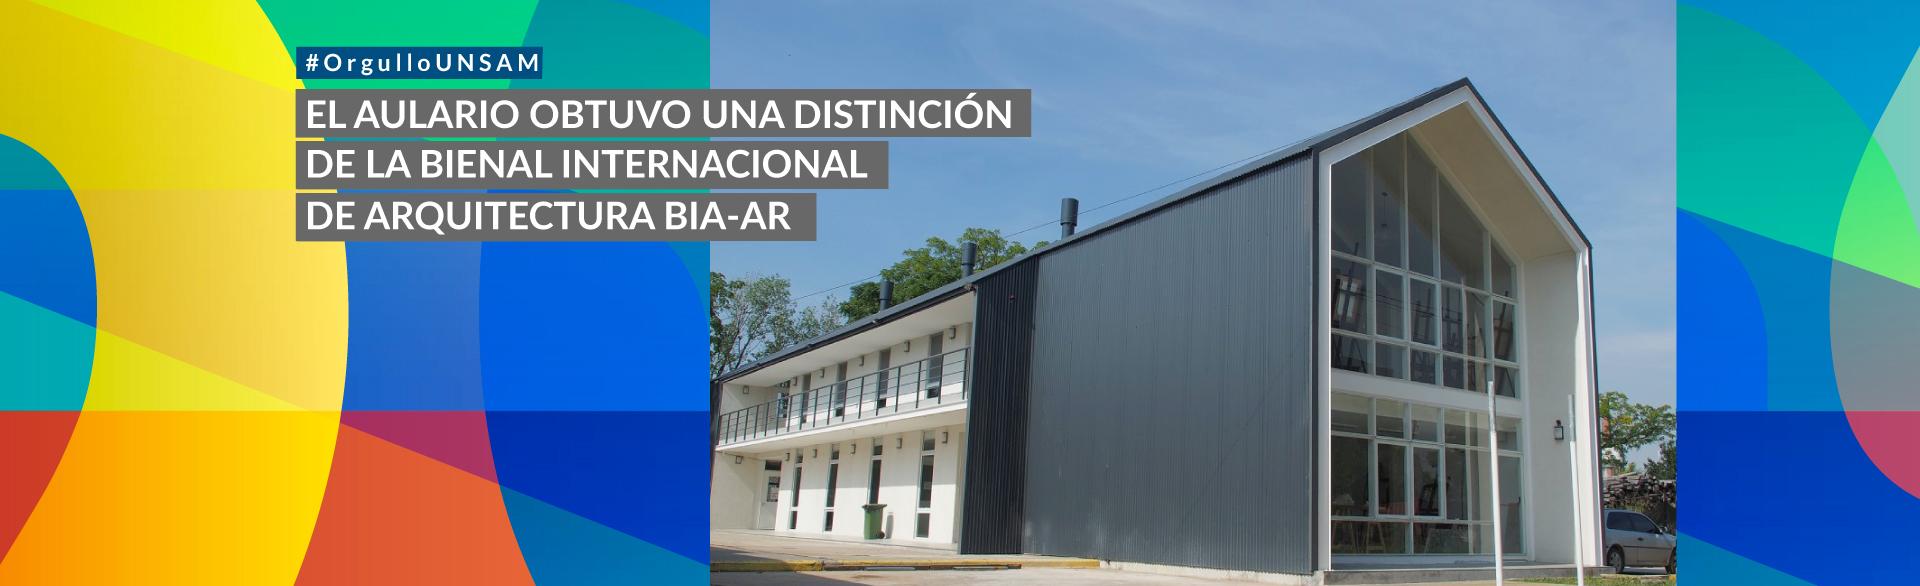 El Aulario obtuvo el primer premio de la Bienal Internacional de Arquitectura BIA-AR